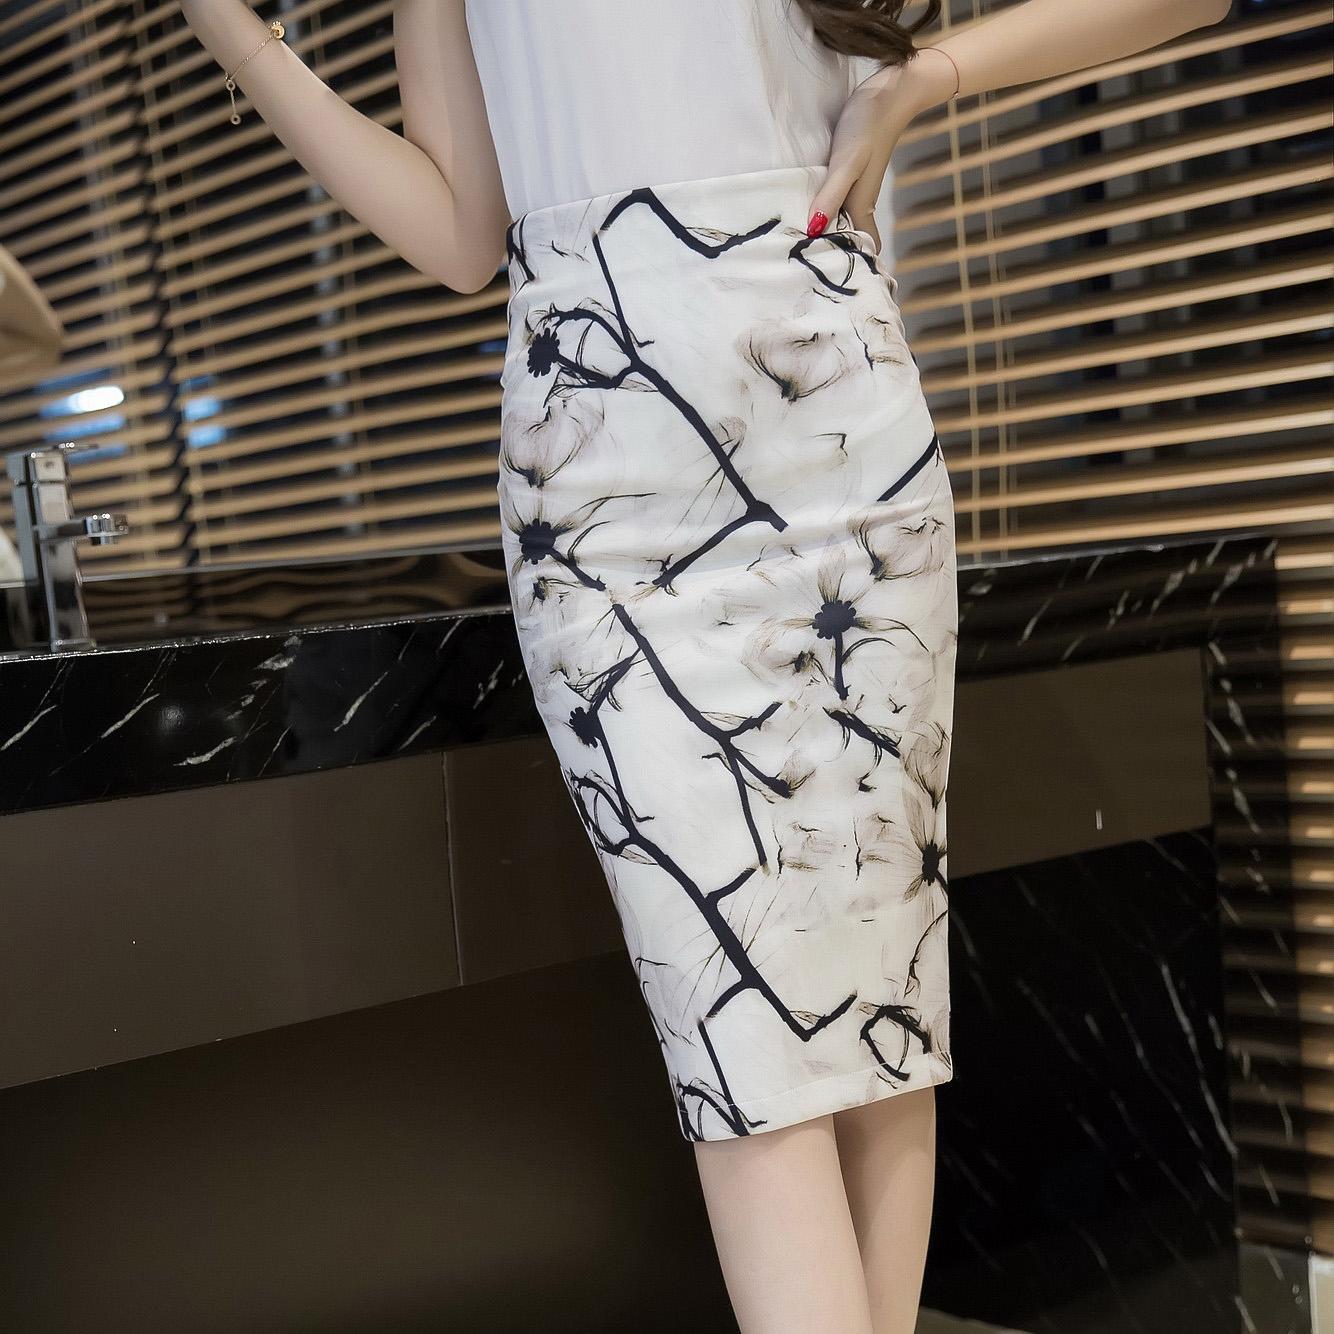 印花高腰半身裙包臀裙秋冬女装修身显瘦碎花中裙一步裙铅笔裙